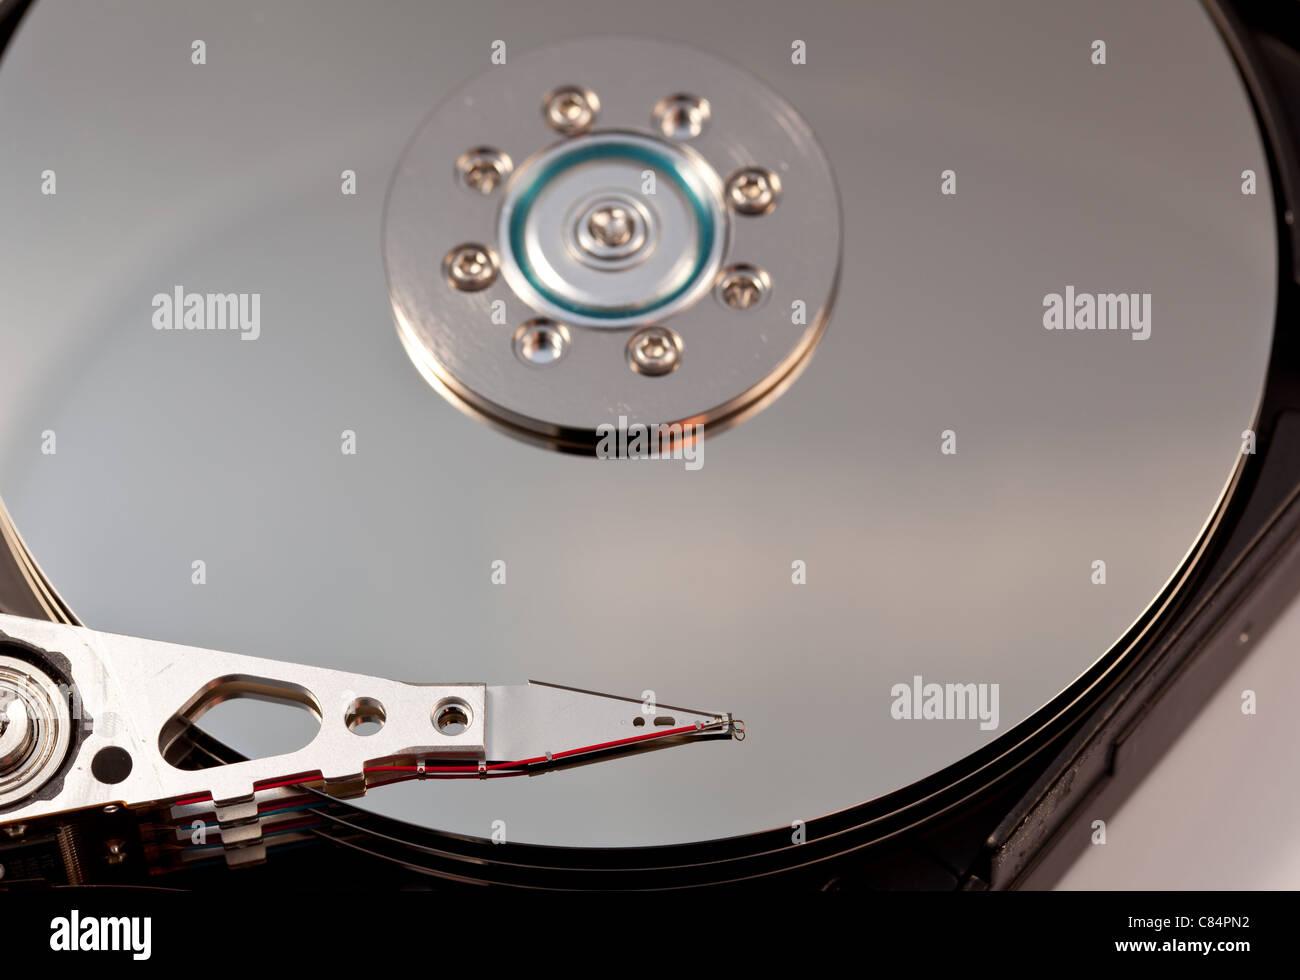 Magnetic discs stock photos magnetic discs stock images - Interieur d un ordinateur ...